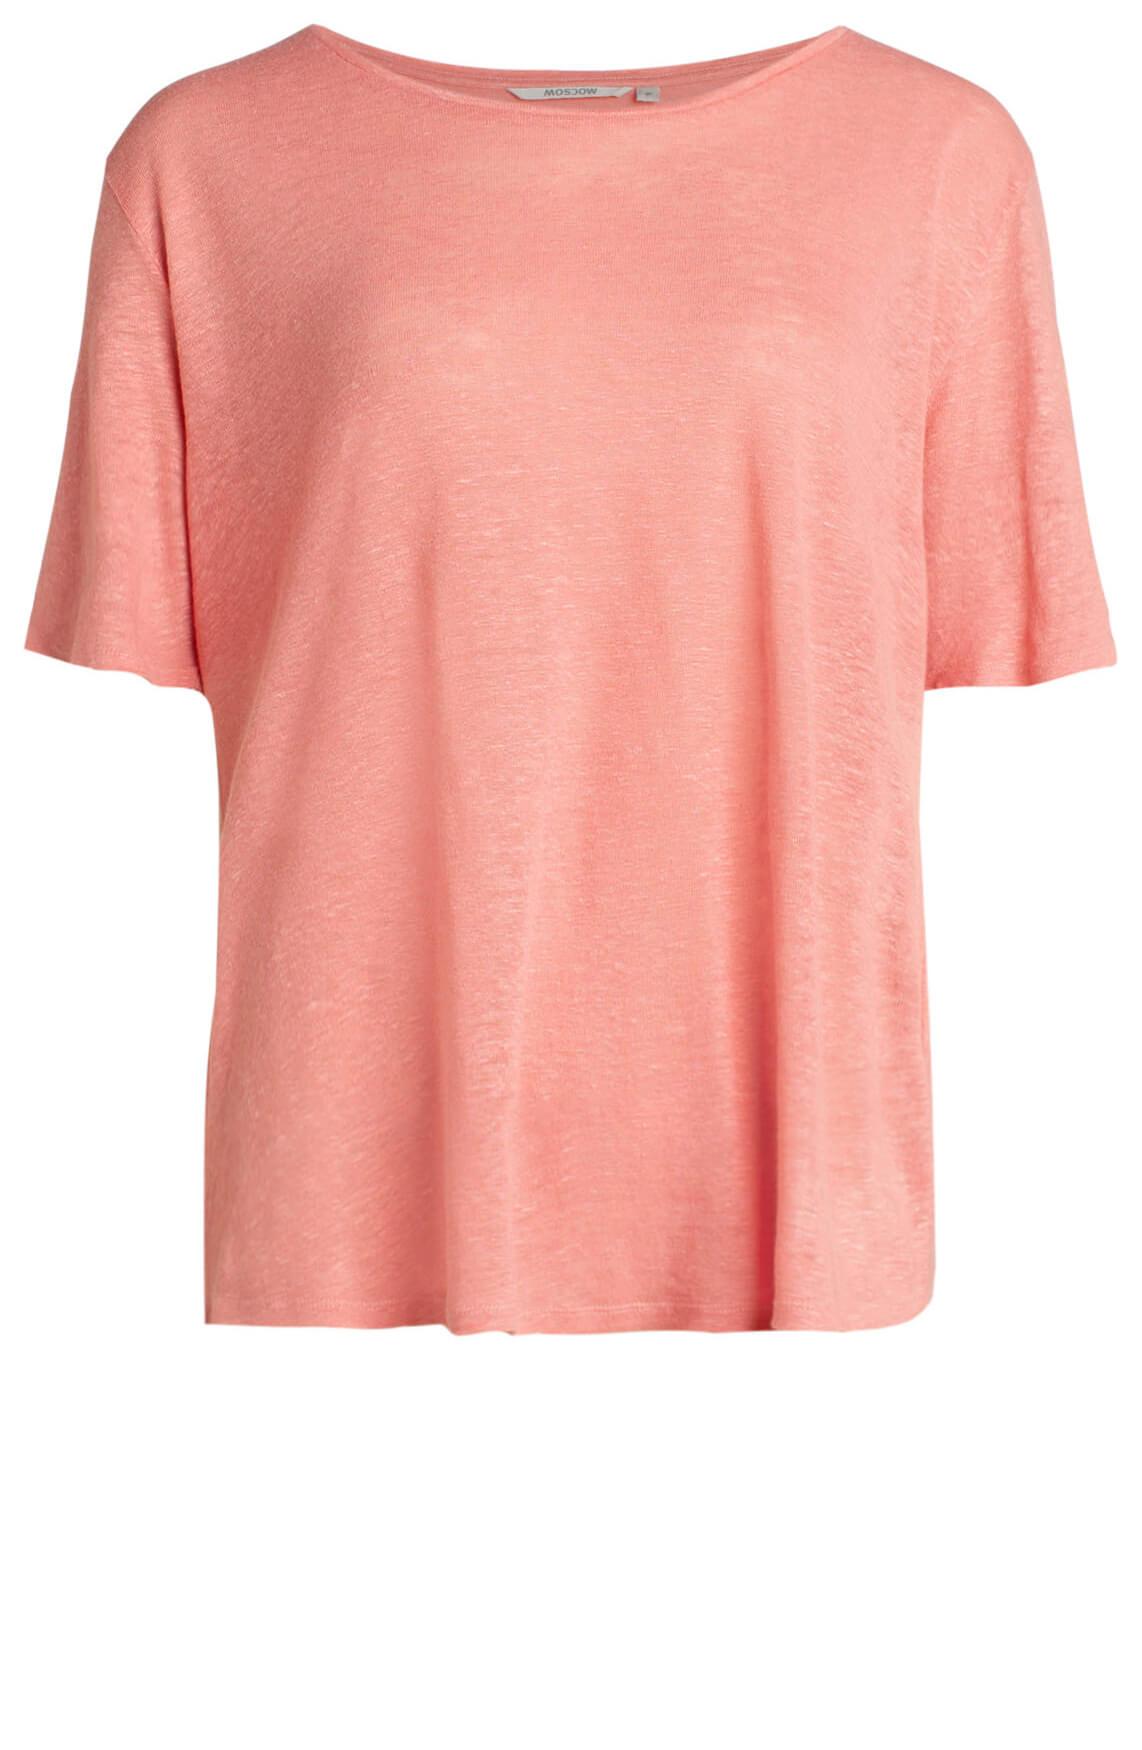 Moscow Dames Linnen shirt roze